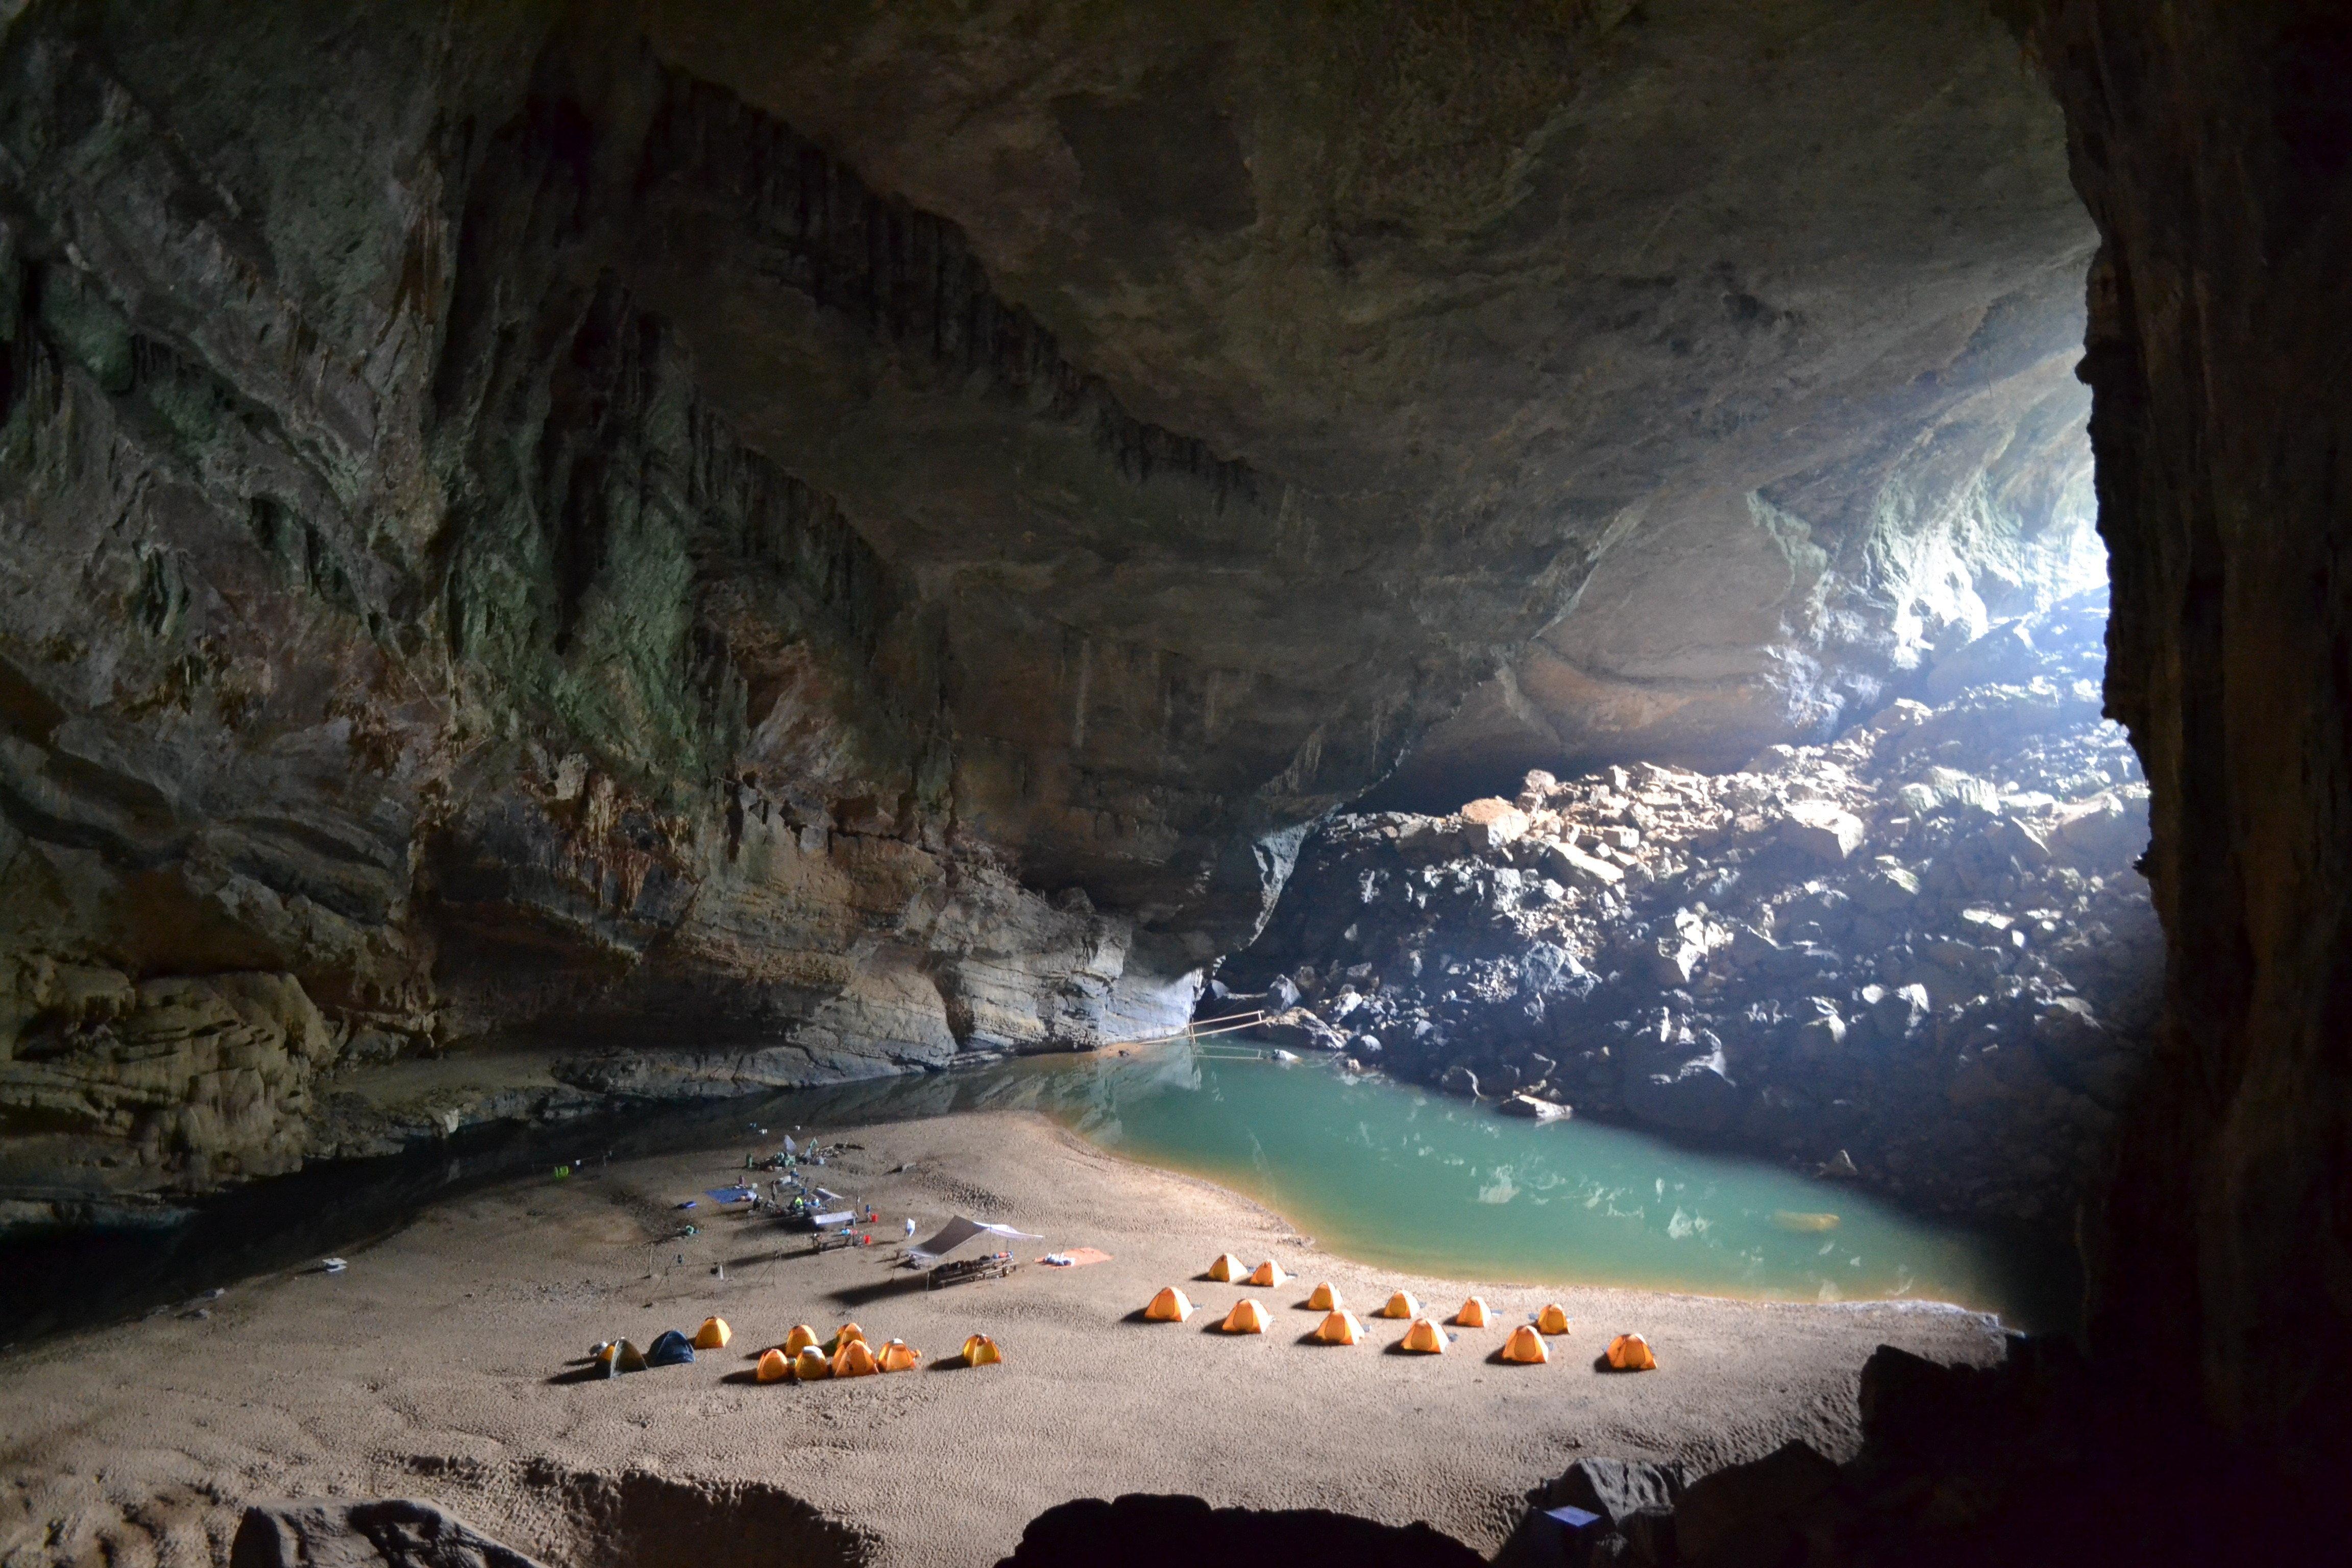 Cova de Hang En, considerada la tercera més gran del món, al parc natural de Phong Nha, al centre de Vietnam. Milers de vietnamites es manifesten perquè temen que el turisme de masses deteriori la zona. /ERIC SAN JUAN